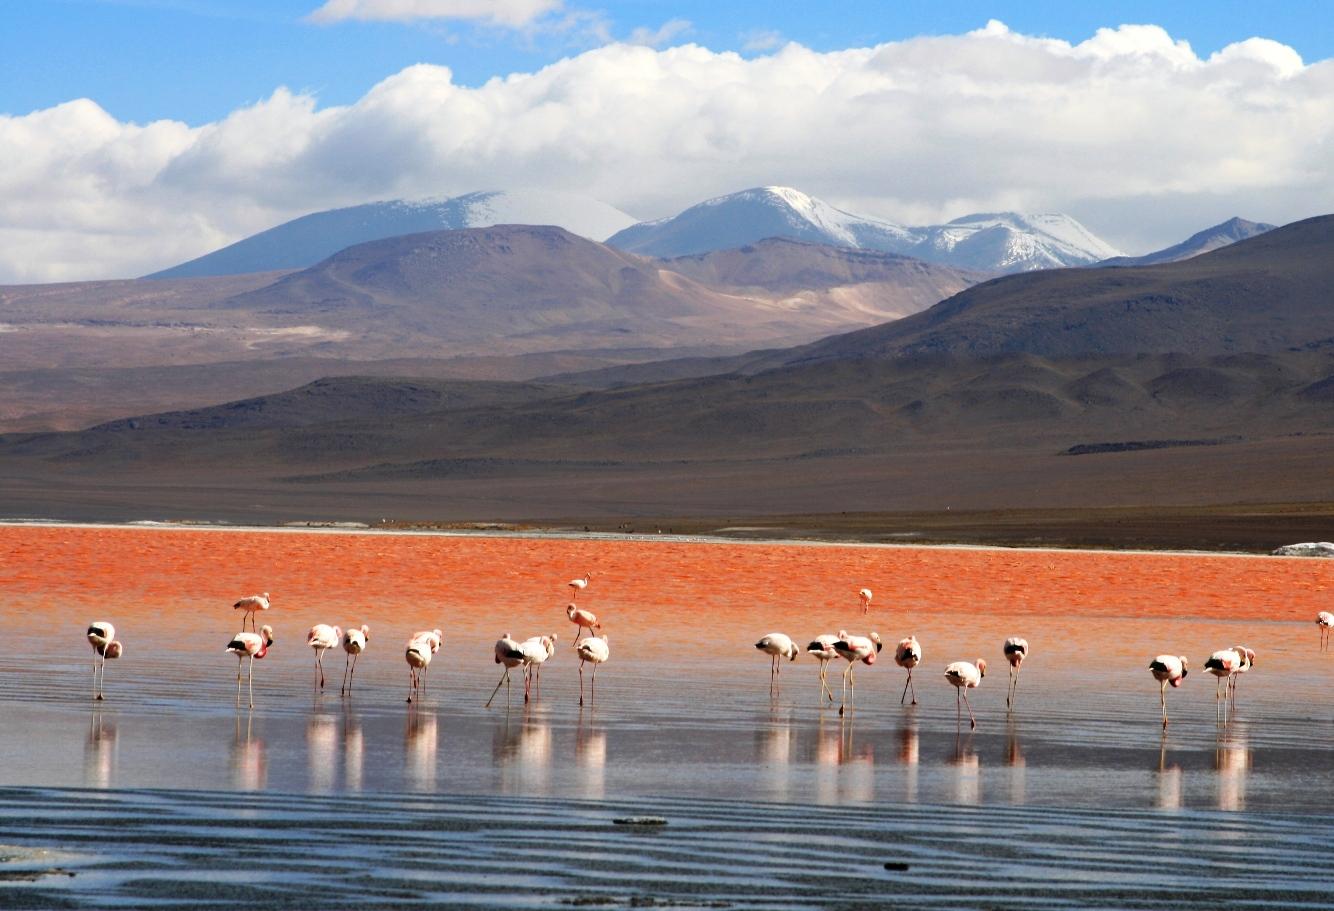 019 Flamingos_en_la_Laguna_Colorada,_Uyuni,_Bolivia